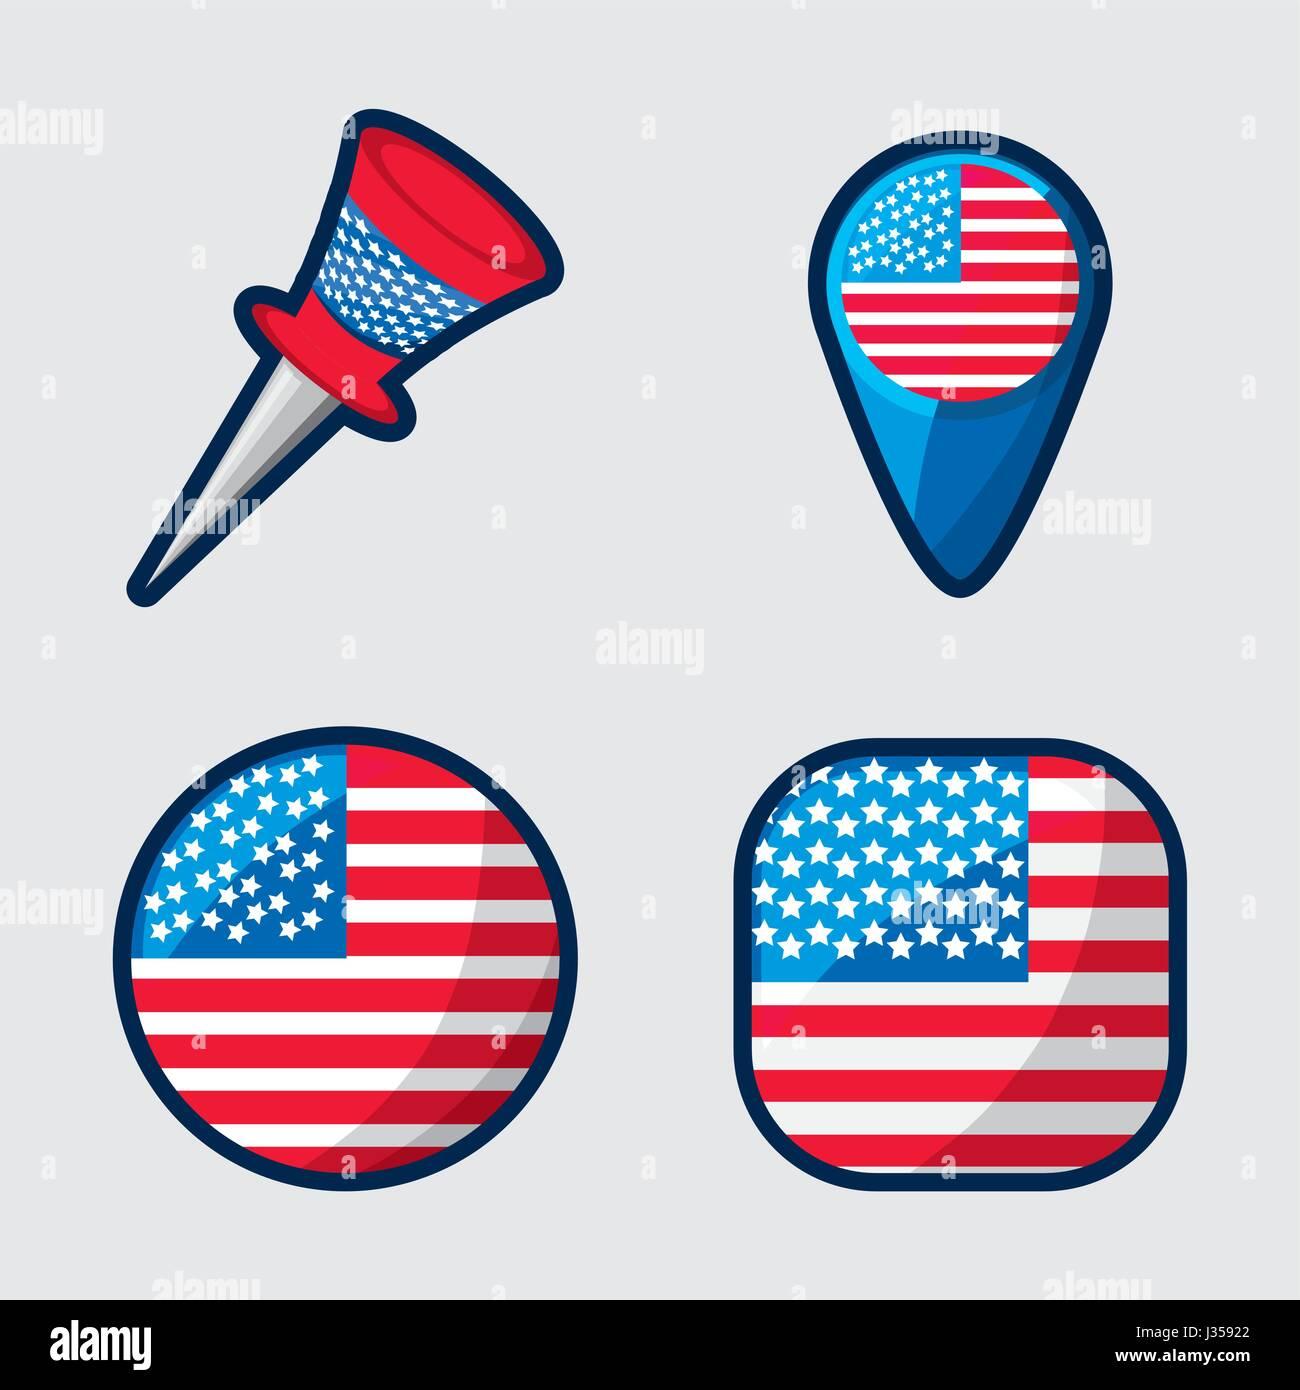 Botones americana para alentar el espíritu de patriotismo Imagen De Stock